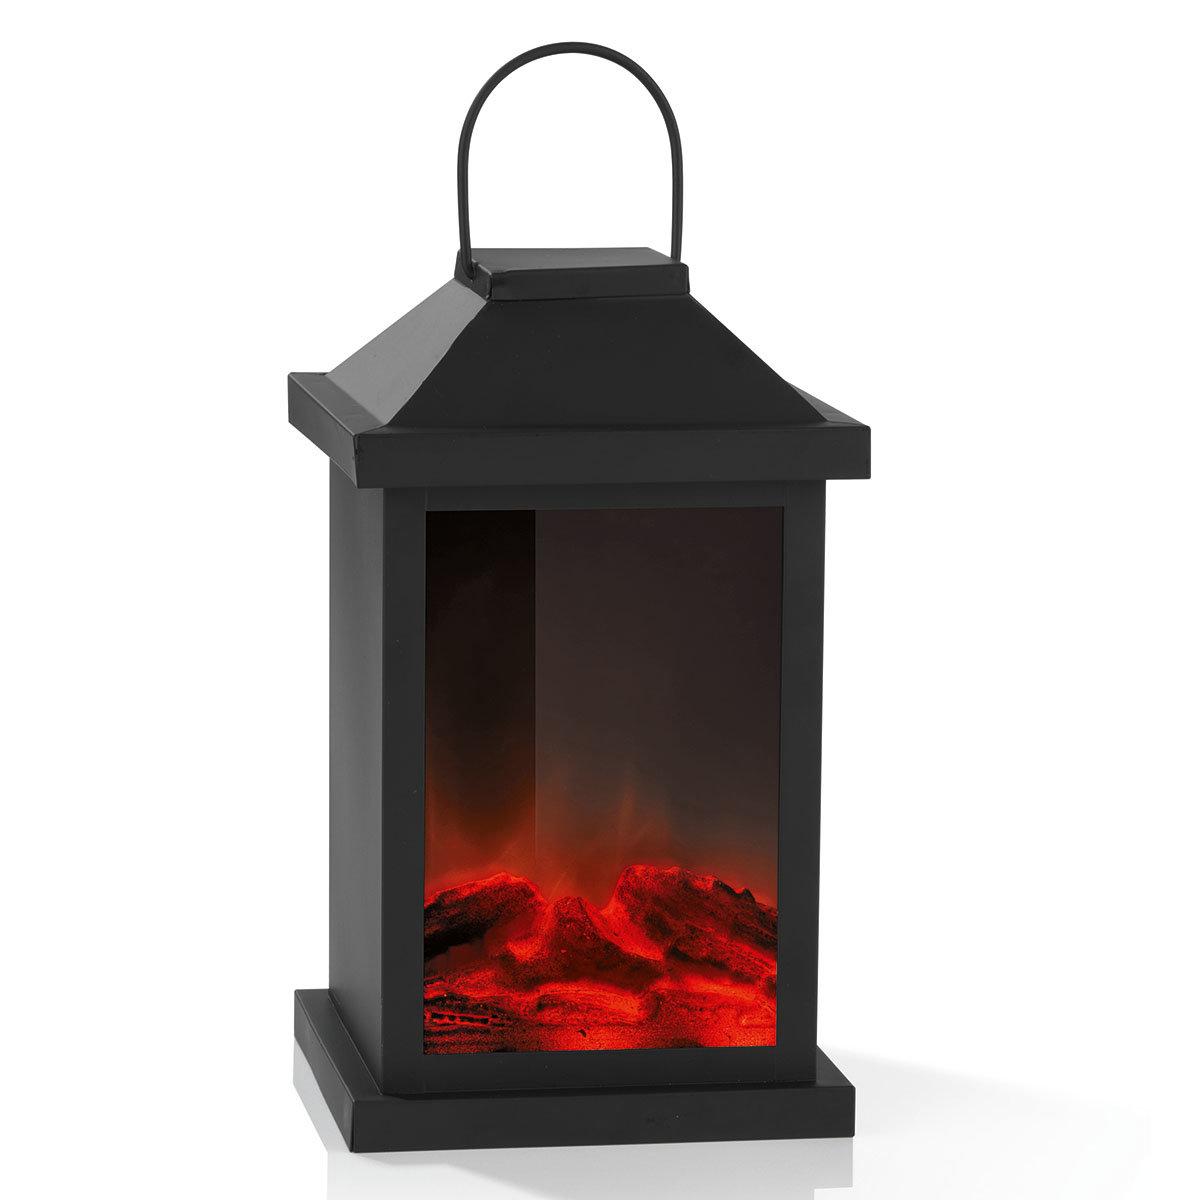 led laterne flamme 23cm online kaufen bei g rtner p tschke. Black Bedroom Furniture Sets. Home Design Ideas